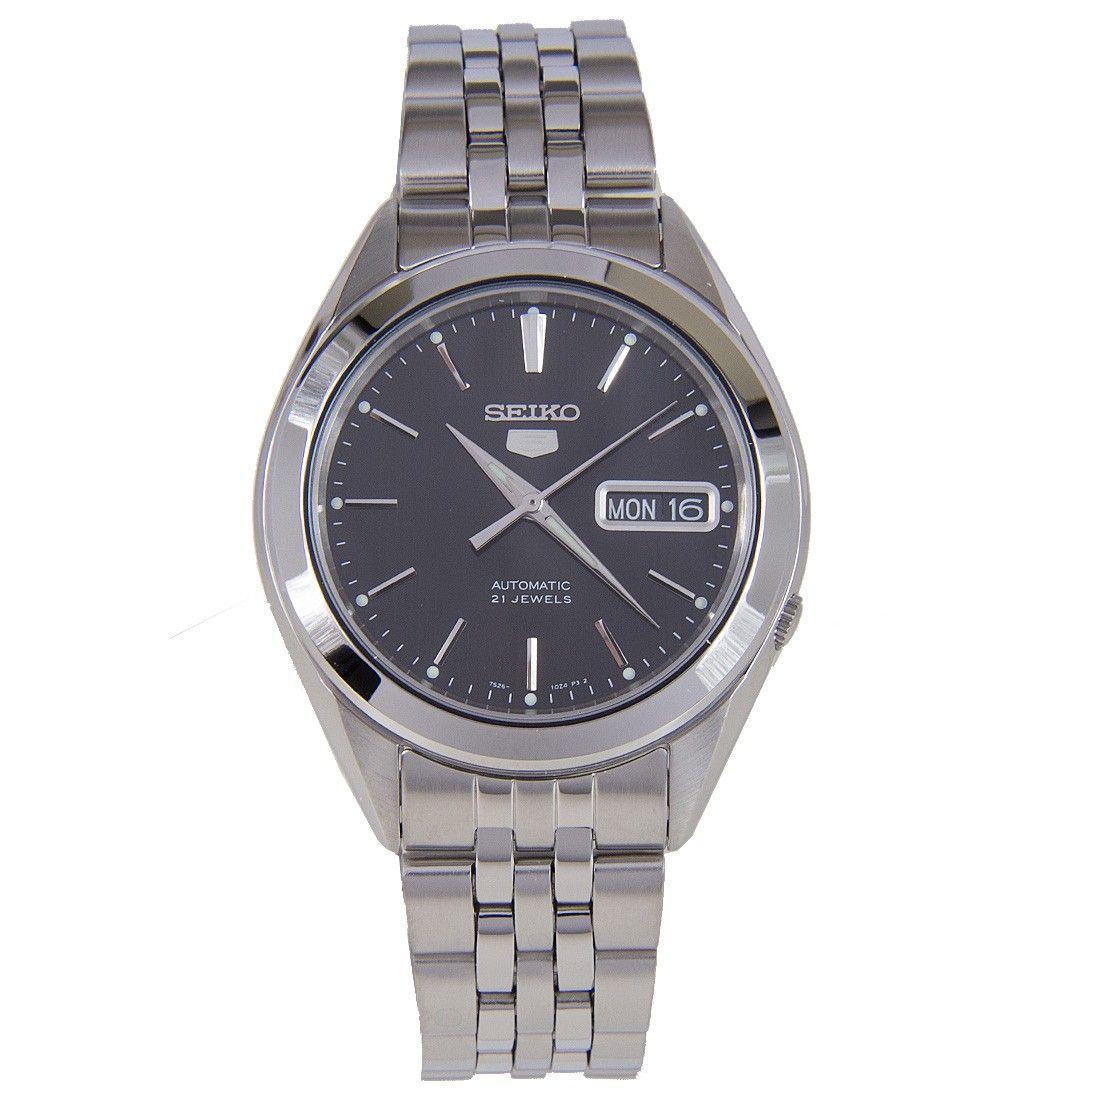 Jam tangan Seiko 5 SNKL23K1 original - Toko Jam tangan